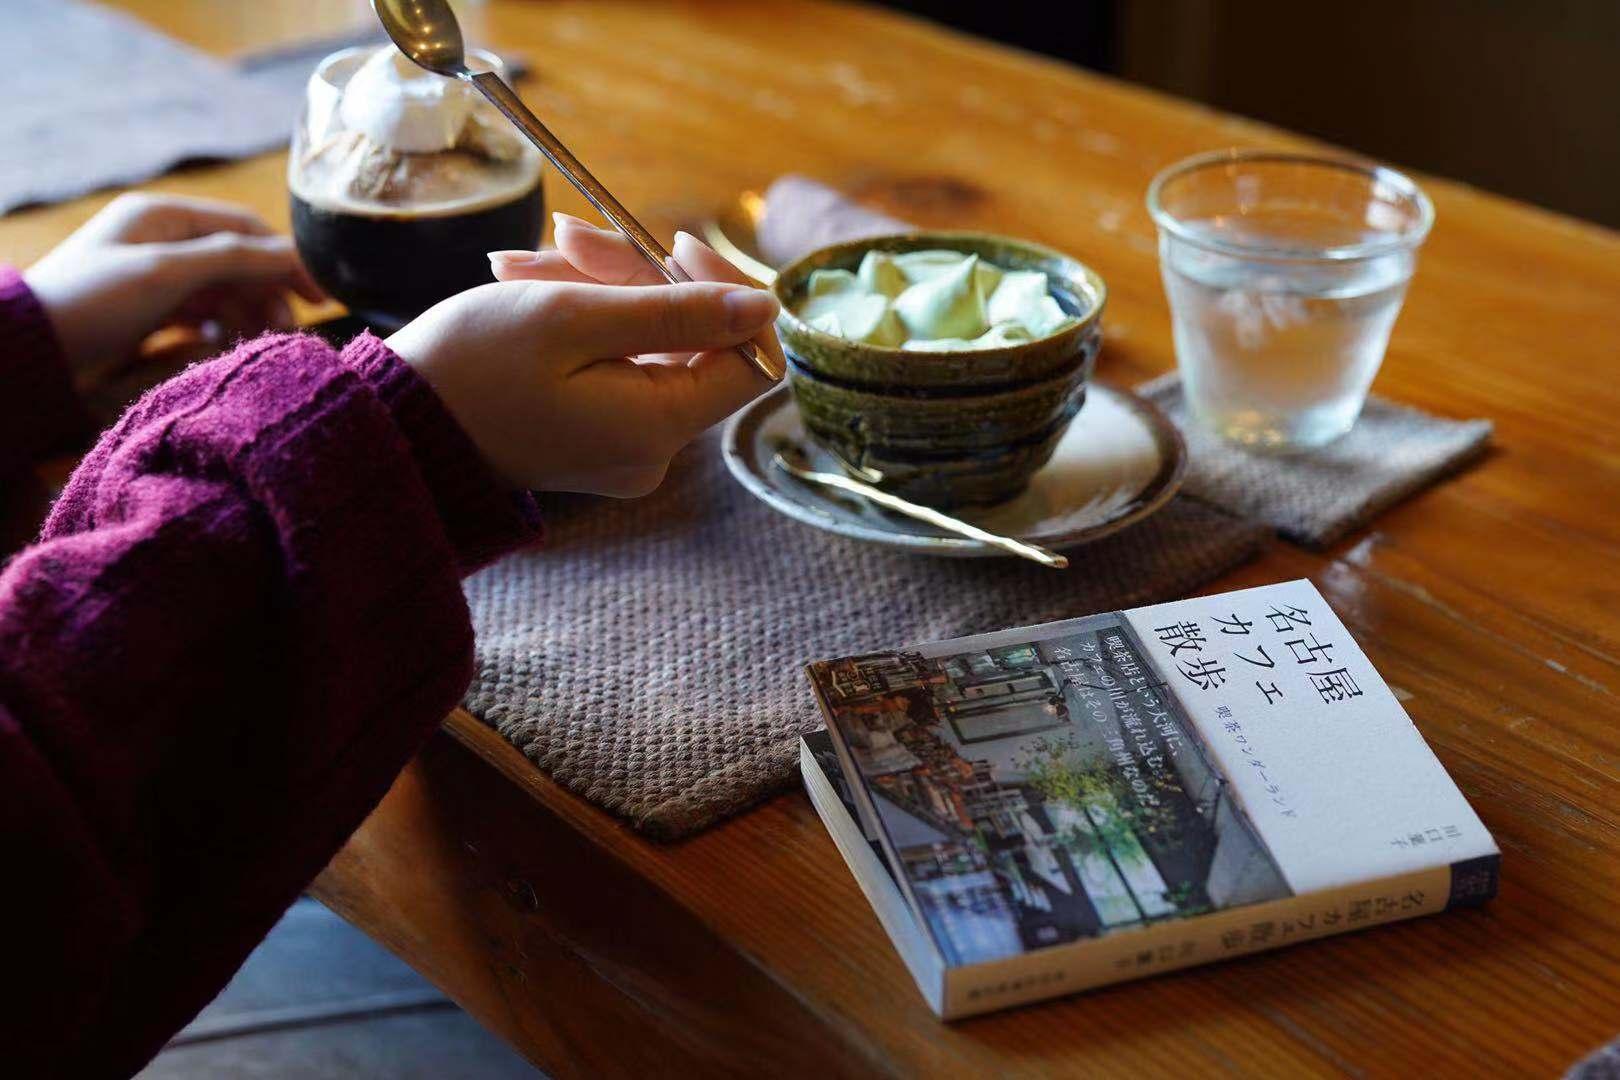 """上前津のギャラリー&カフェ「THE SHOP 十二ヵ月」で始める""""丁寧な暮らし"""" - jyuni7"""